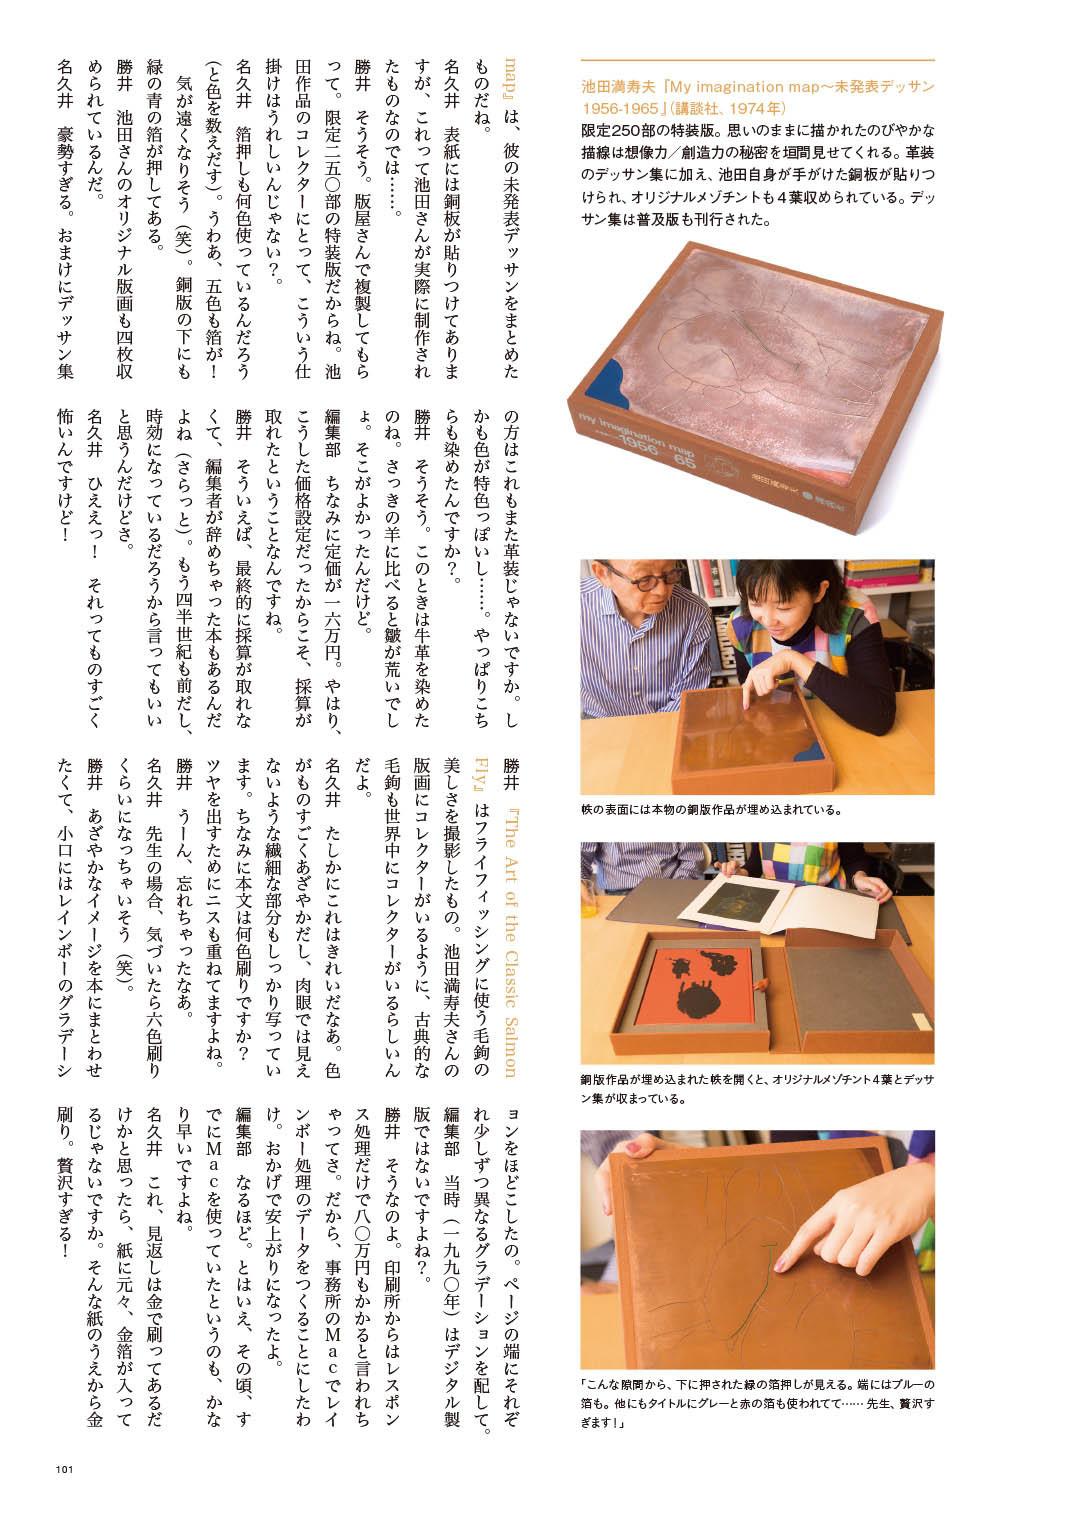 勝井三雄先生の記事を掲載いたします。_c0207090_13295985.jpg